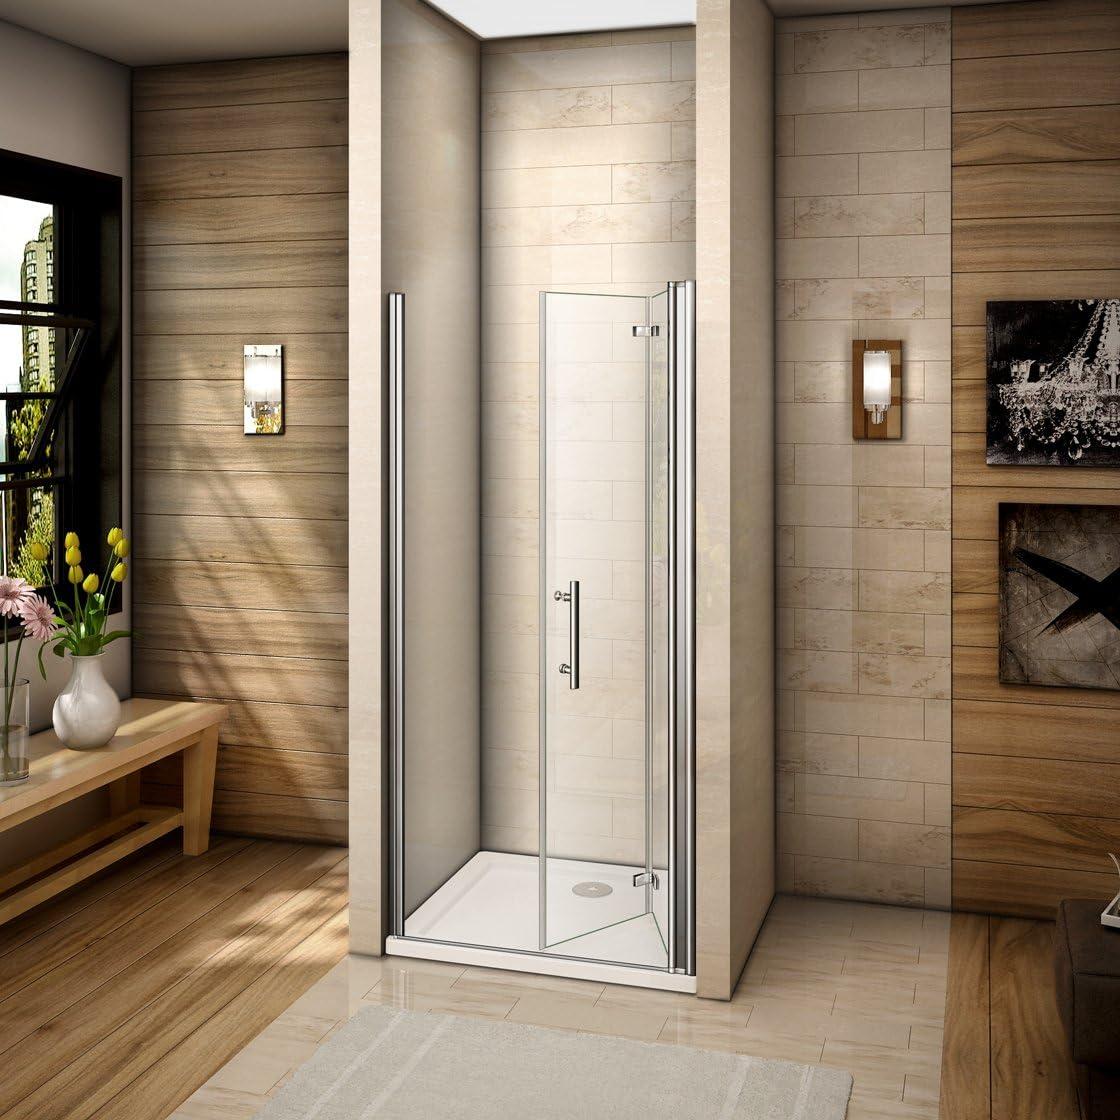 90x185cm Mamparas de ducha Pantalla baño plegable puerta de ducha ...